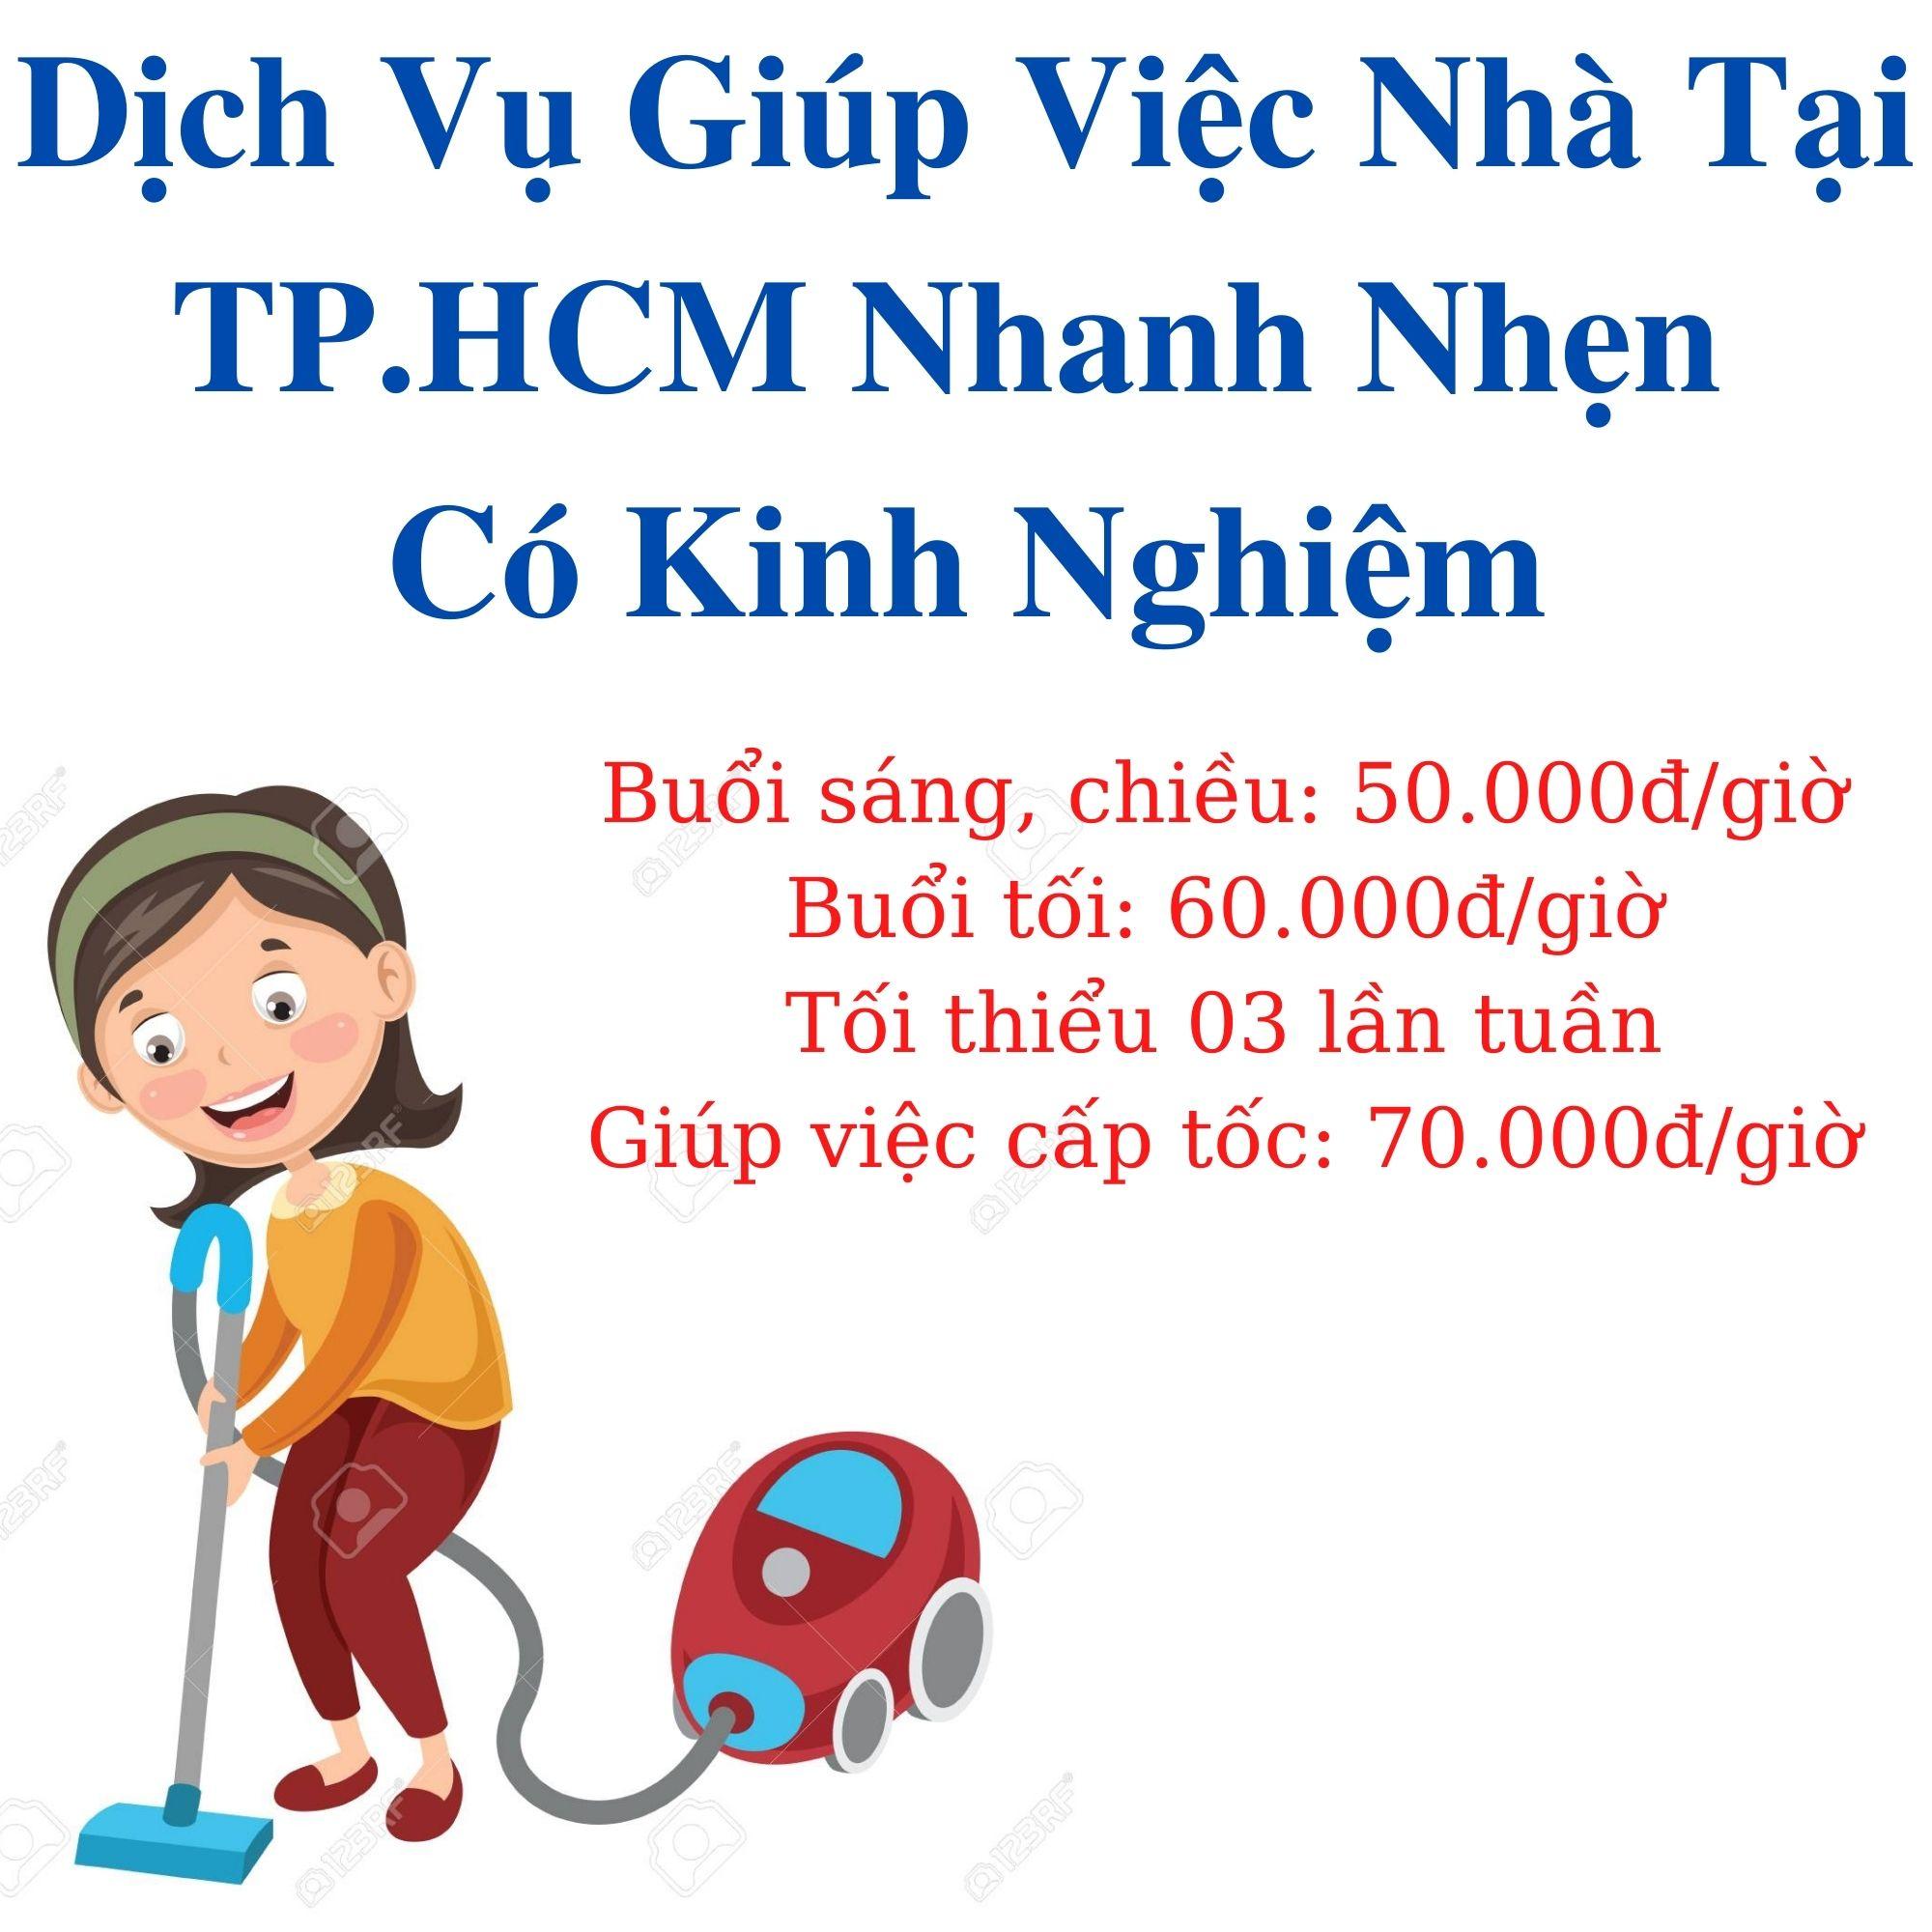 Dịch Vụ Giúp Việc Nhà Tại TpHCM | Nhanh Nhẹn & Có Kinh Nghiệm